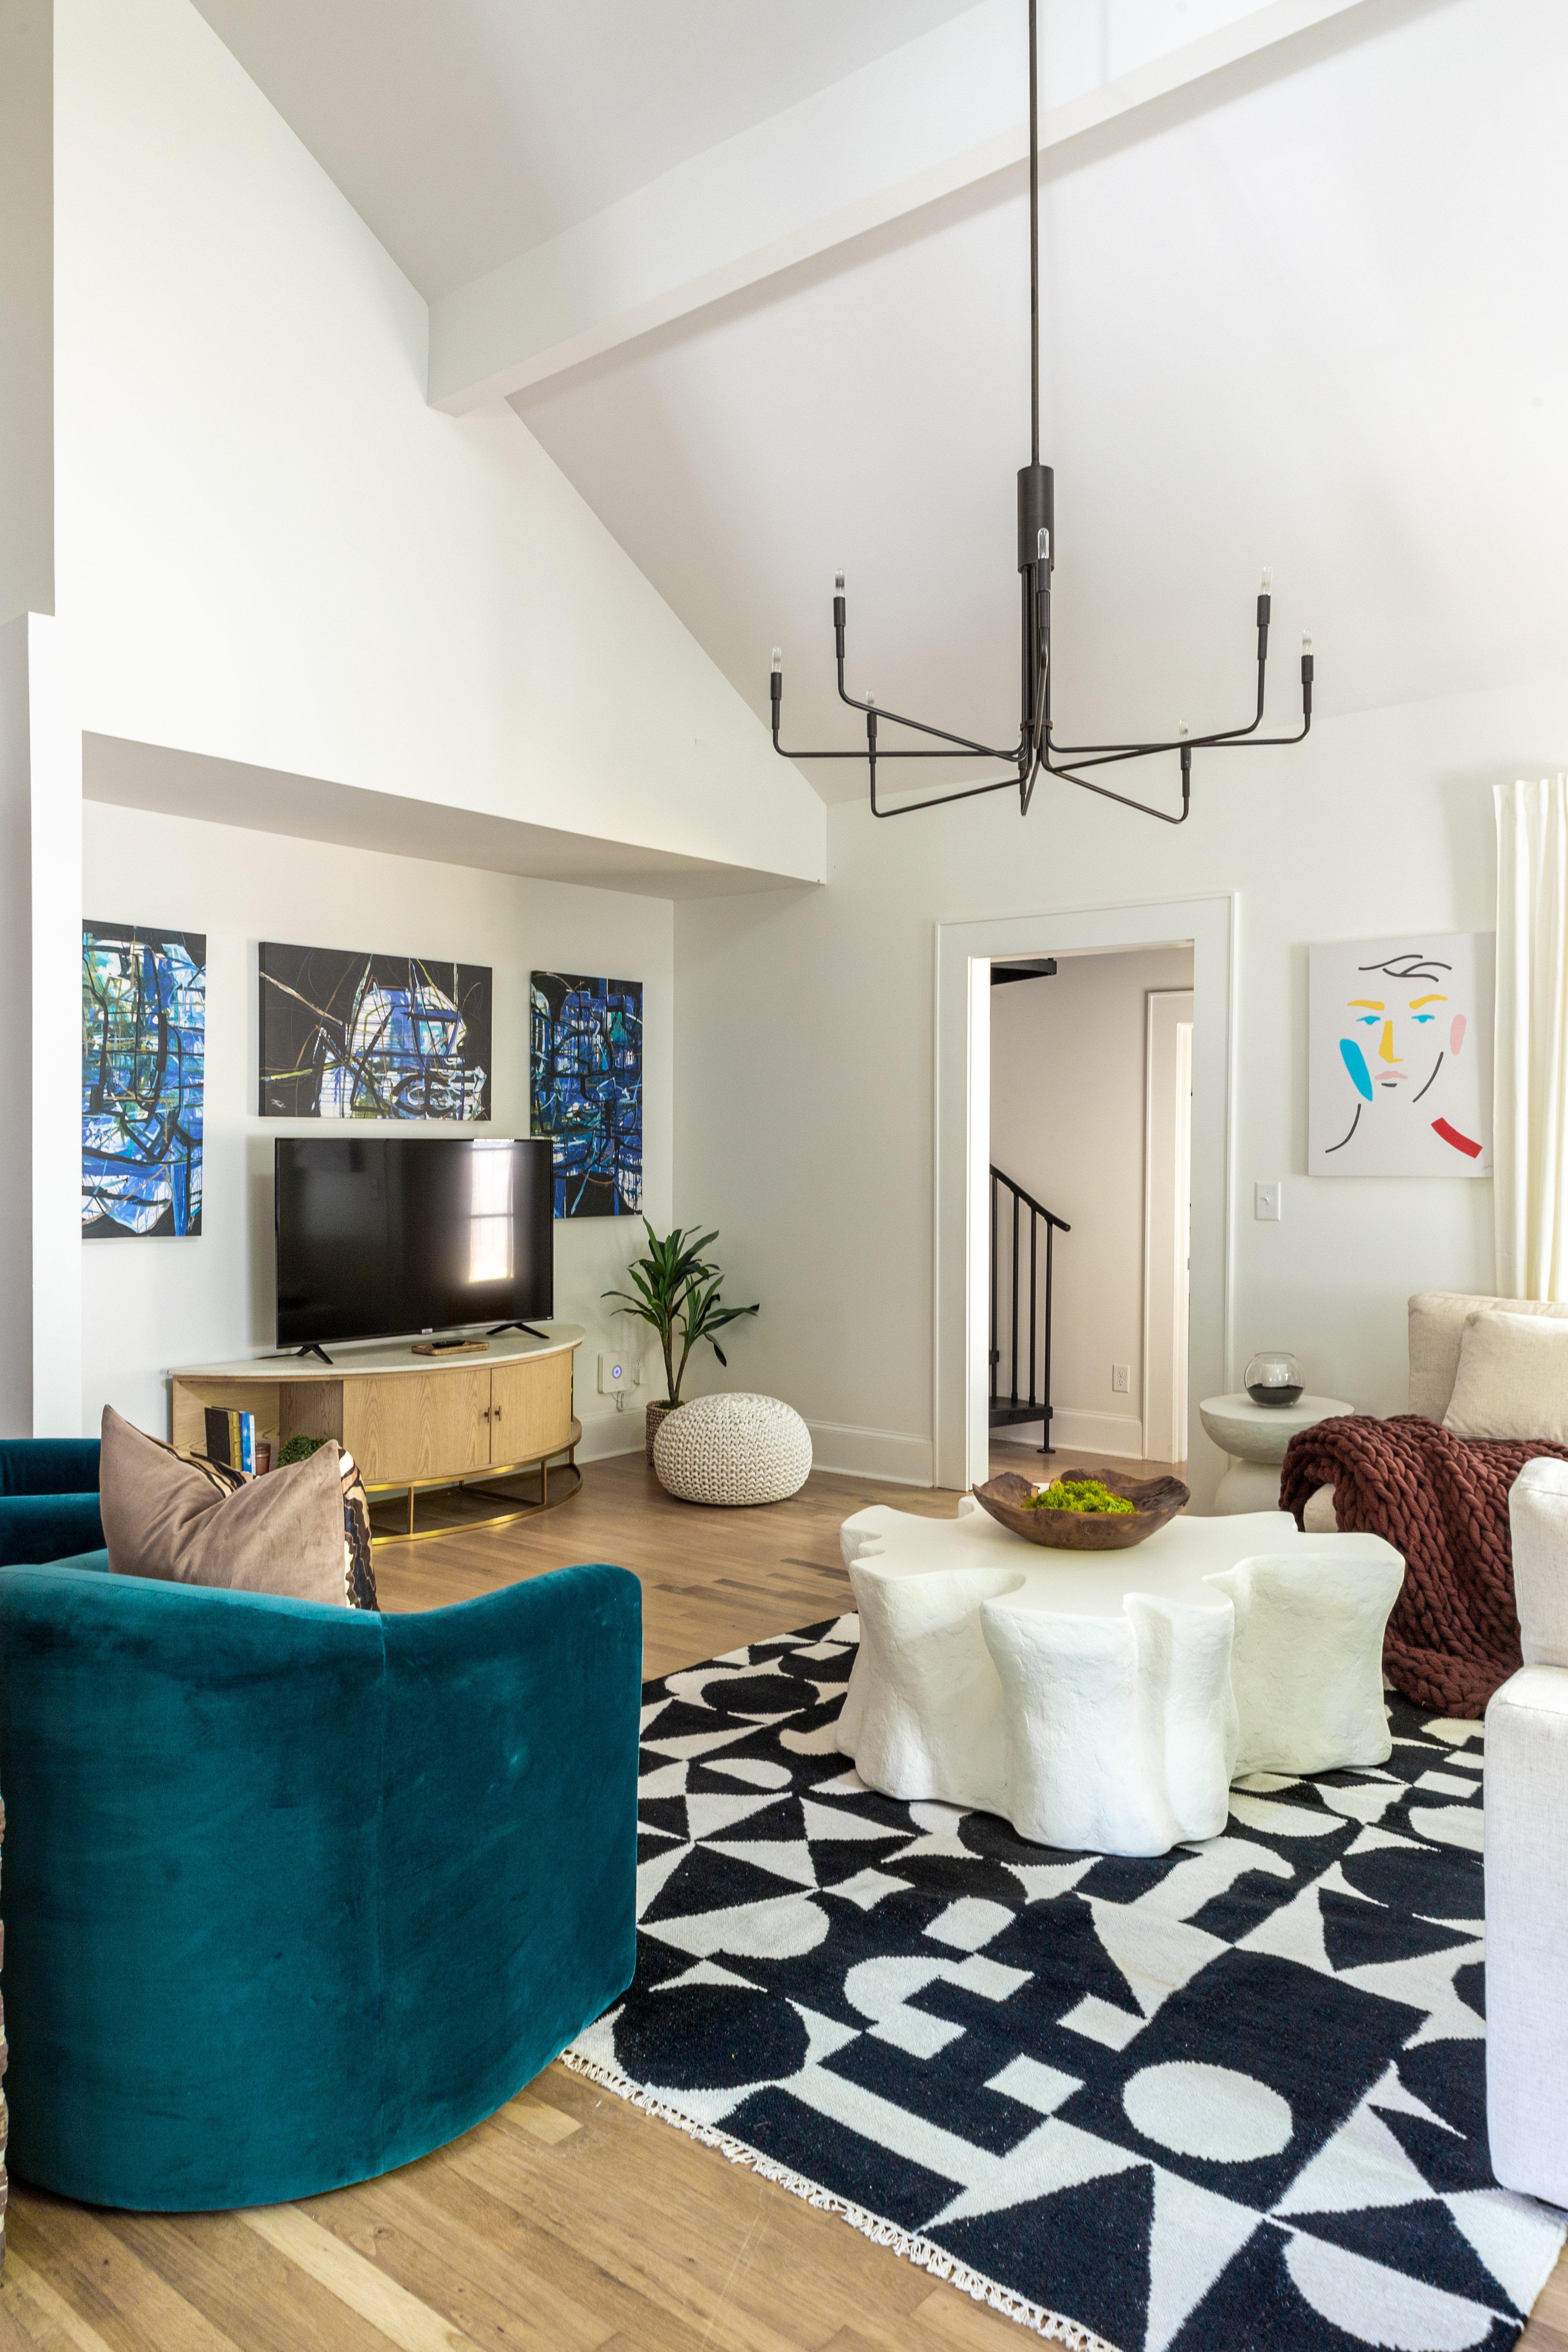 29 living room 20210721-IMG_0155-HDR.jpg